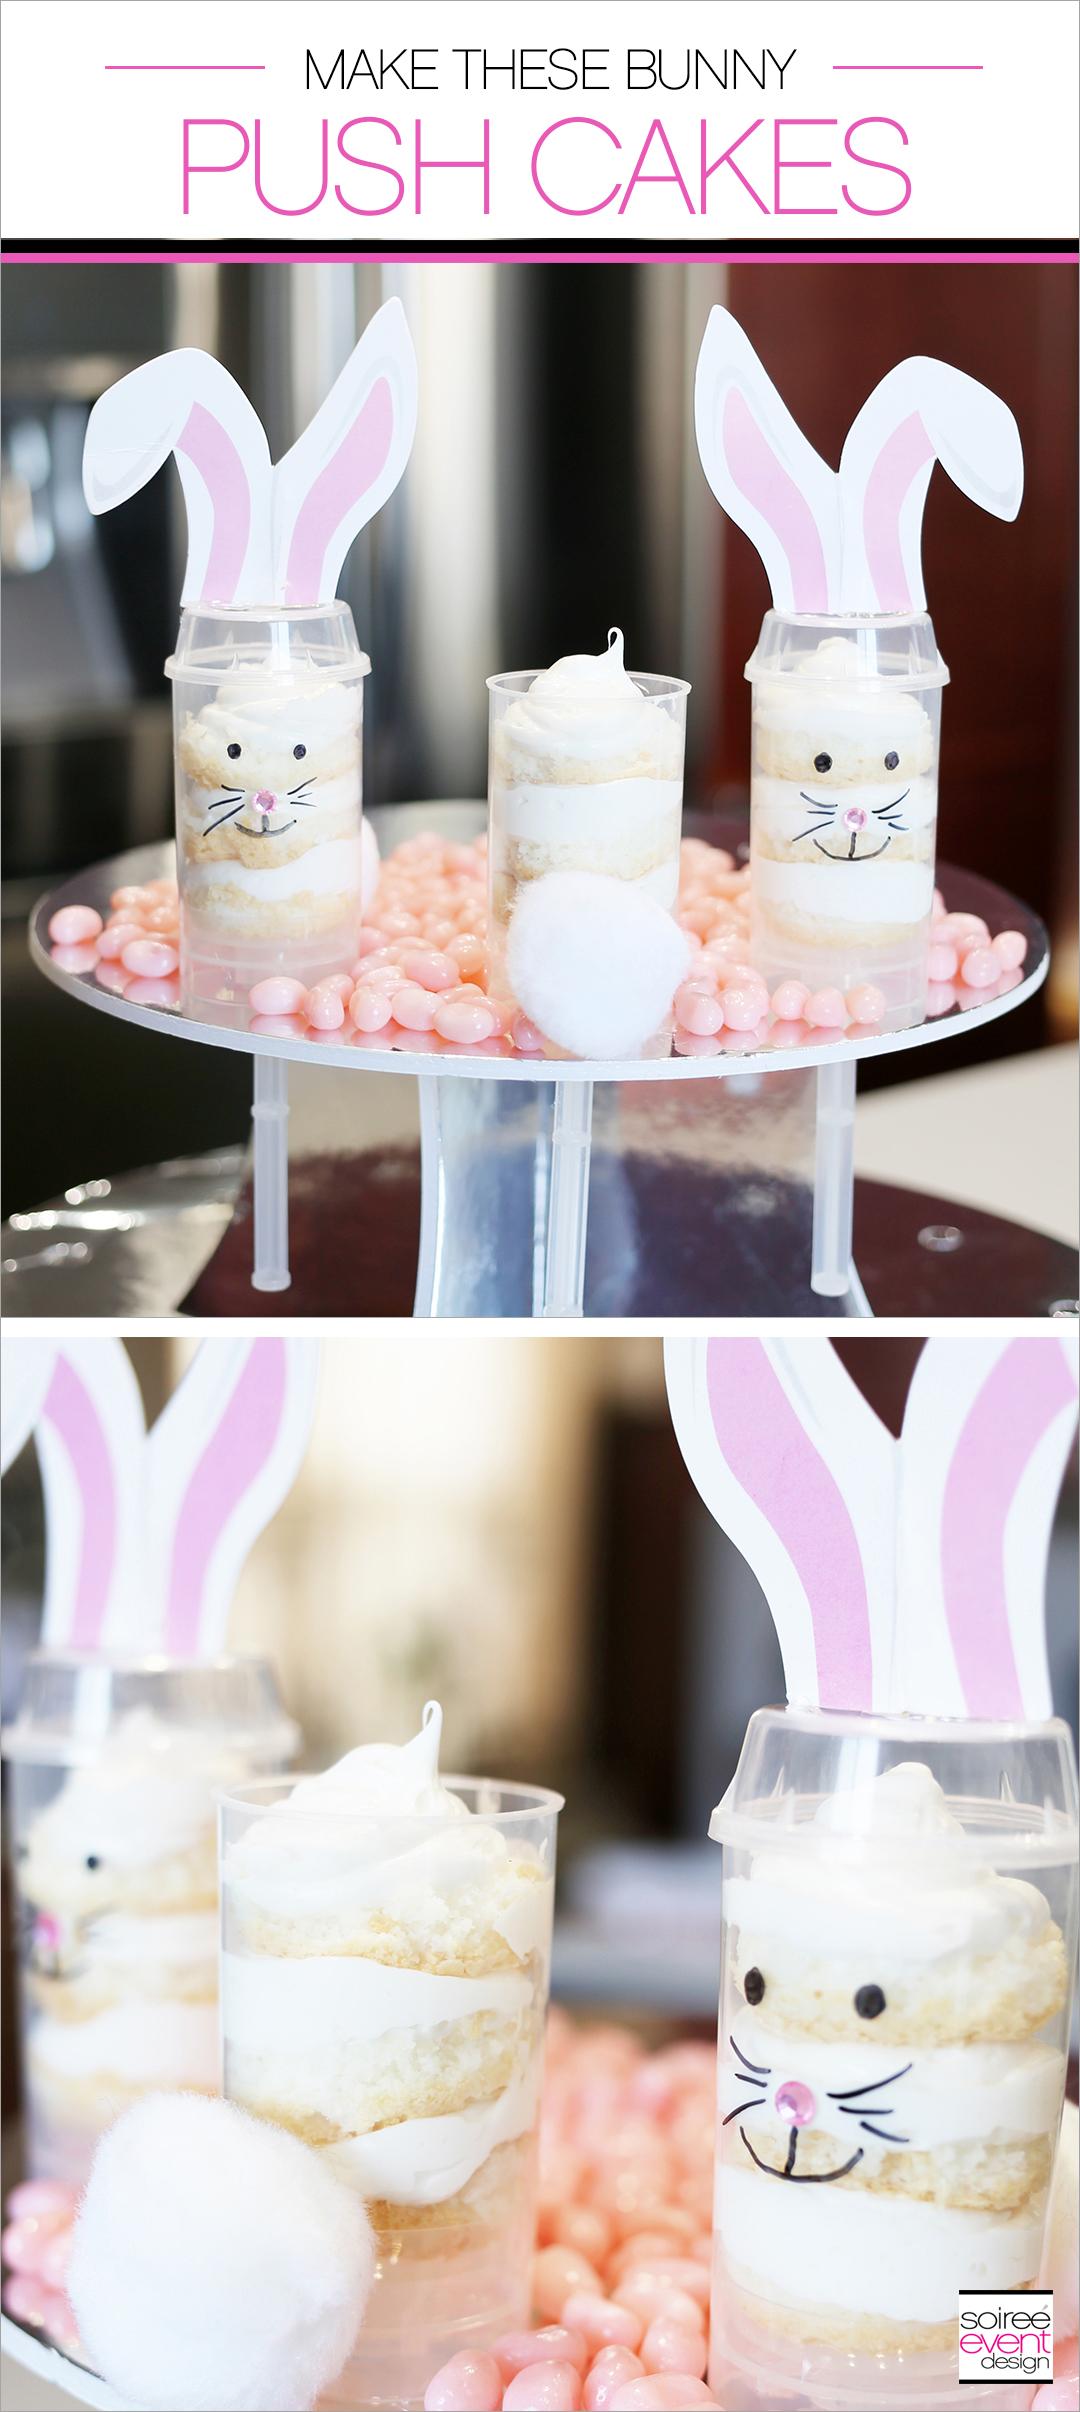 Bunny Push Cakes